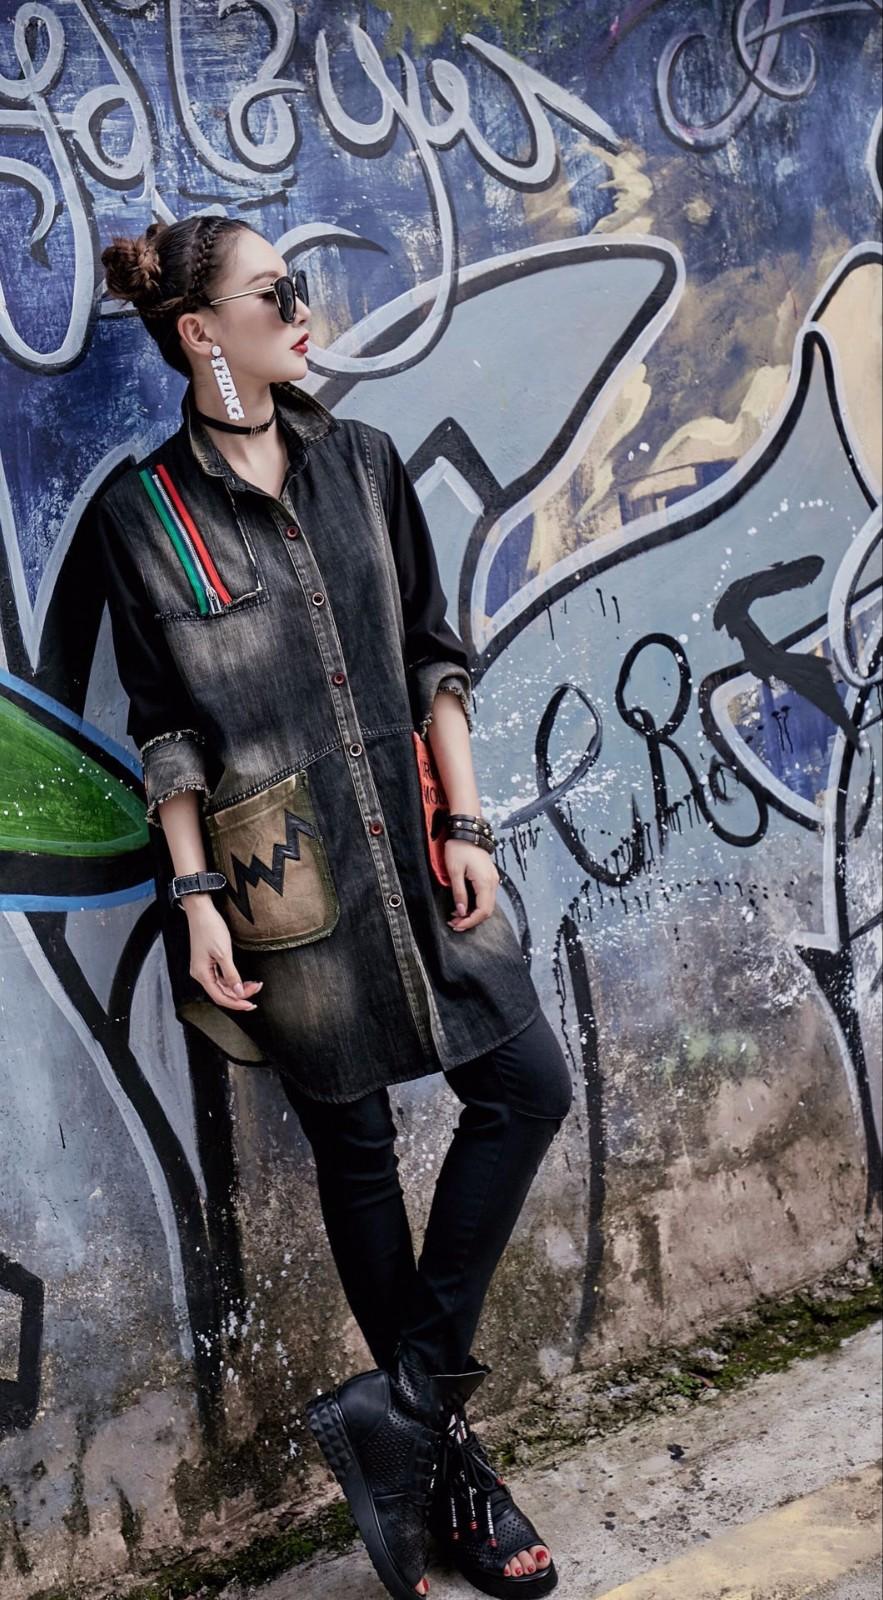 新款潮流女装品牌有哪些 广州女装批发网 广州韩景域意服饰有限公司